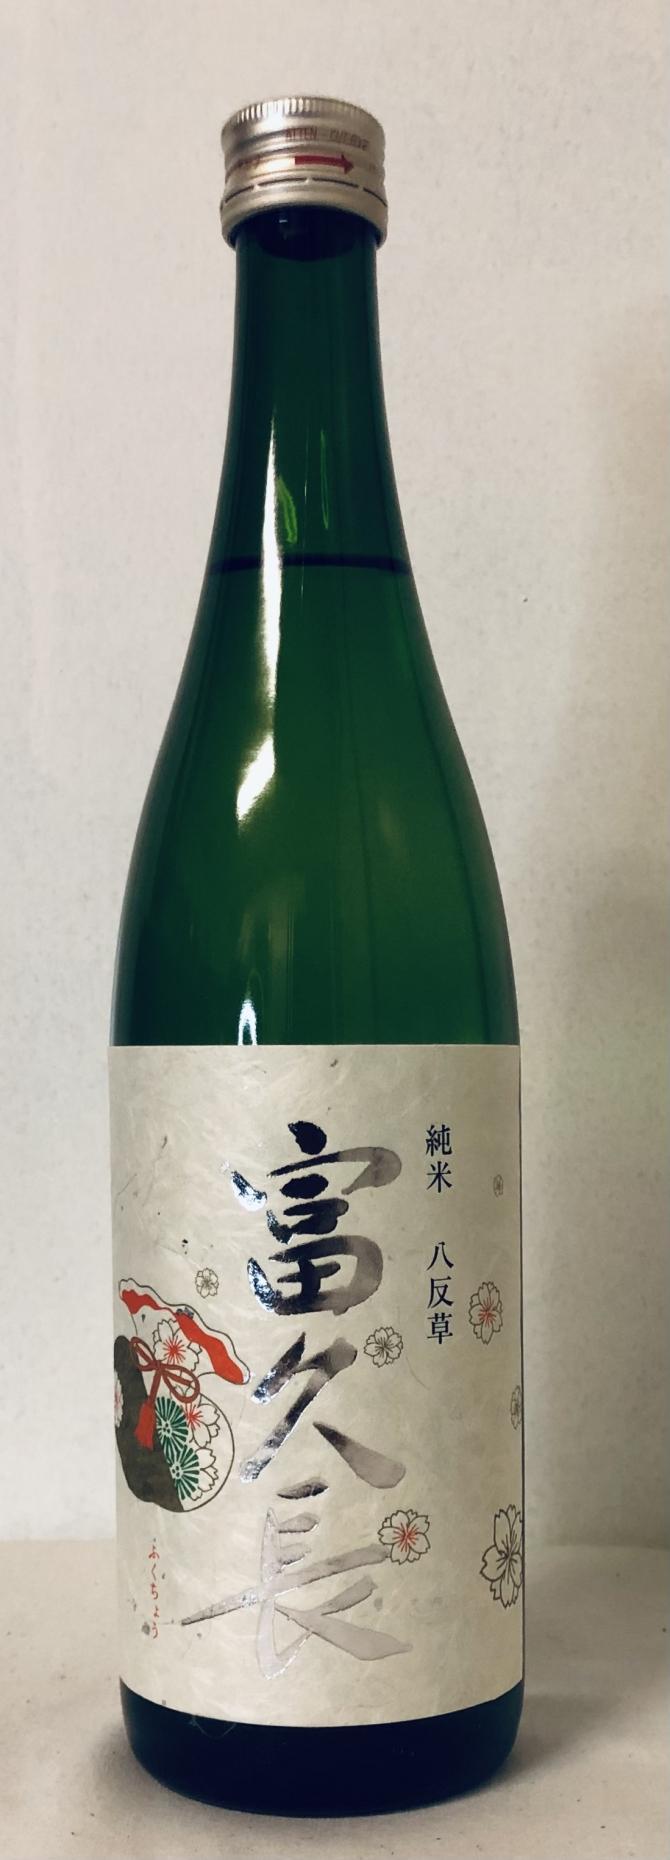 富久長 純米酒 八反草